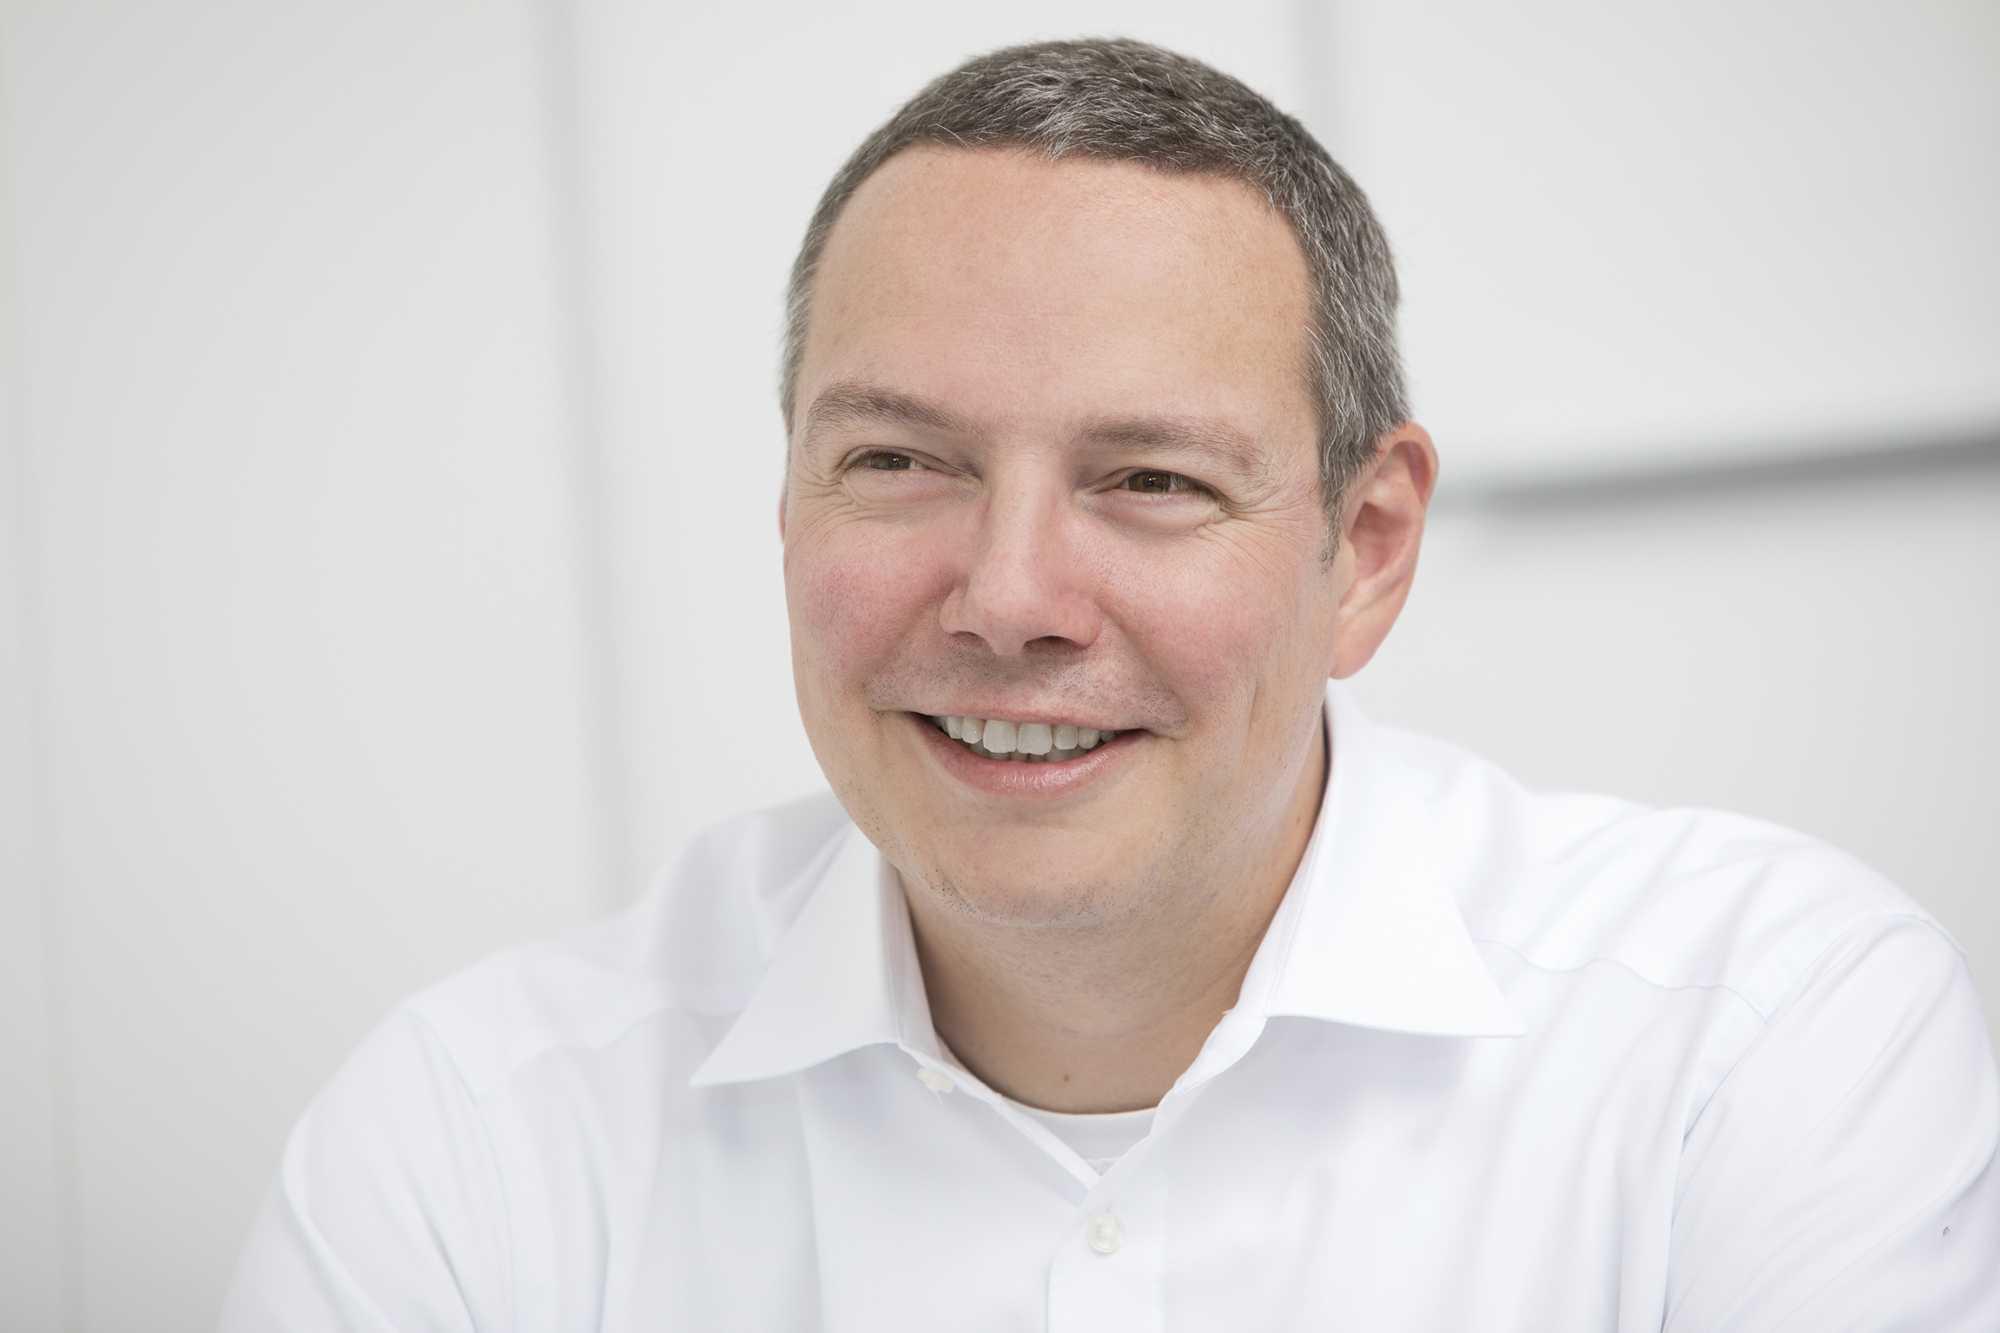 Dennis Blöcher